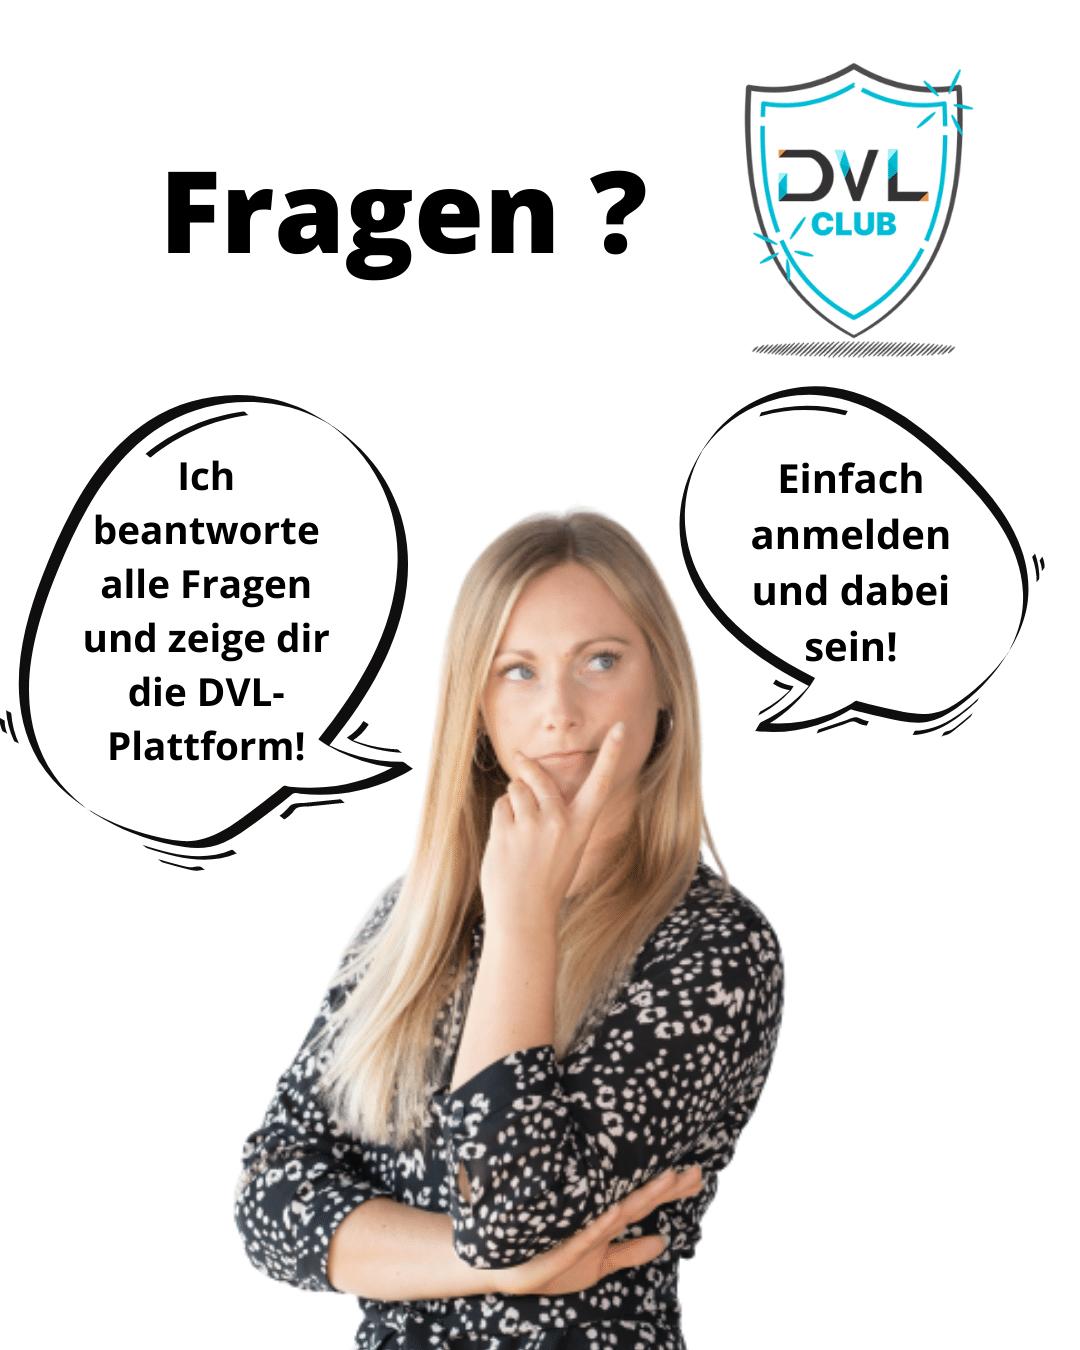 Fragen zum DVL-Club (1)